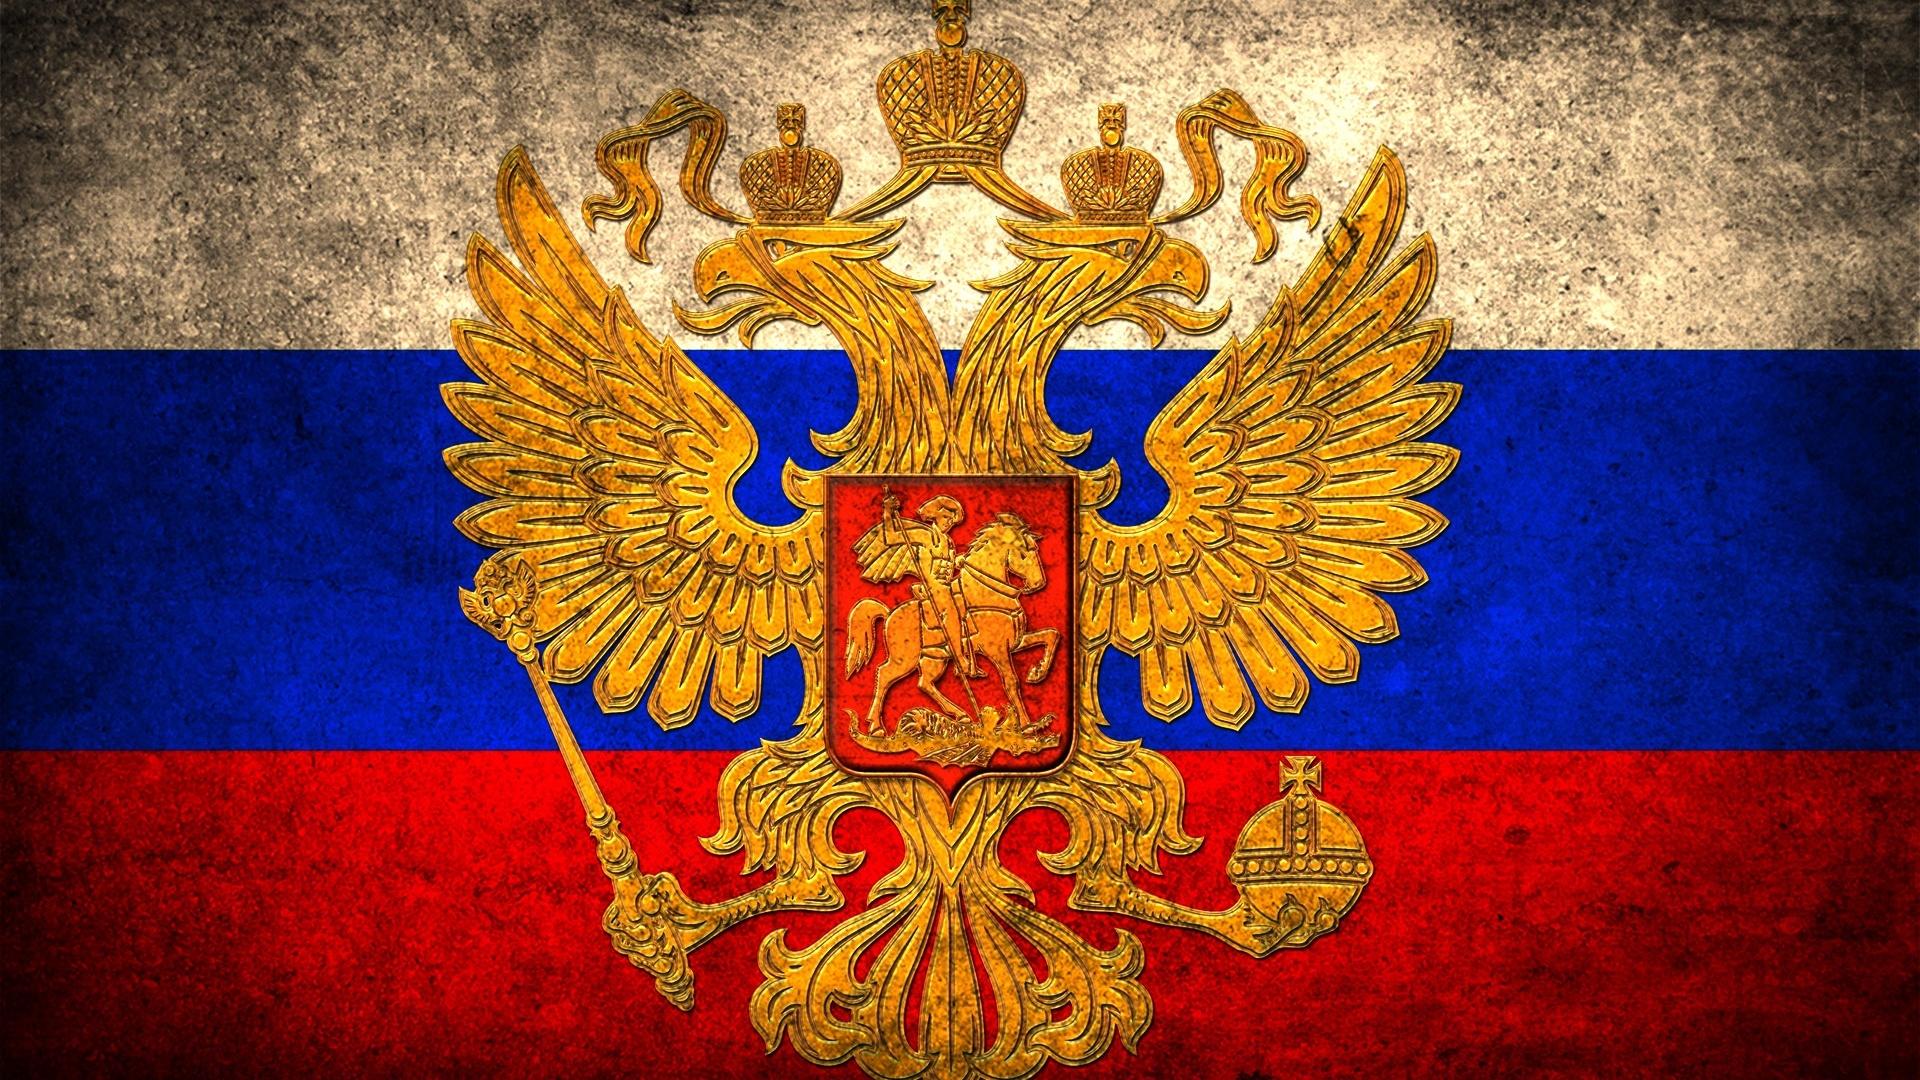 картинки флаги и гербы российской федерации группе